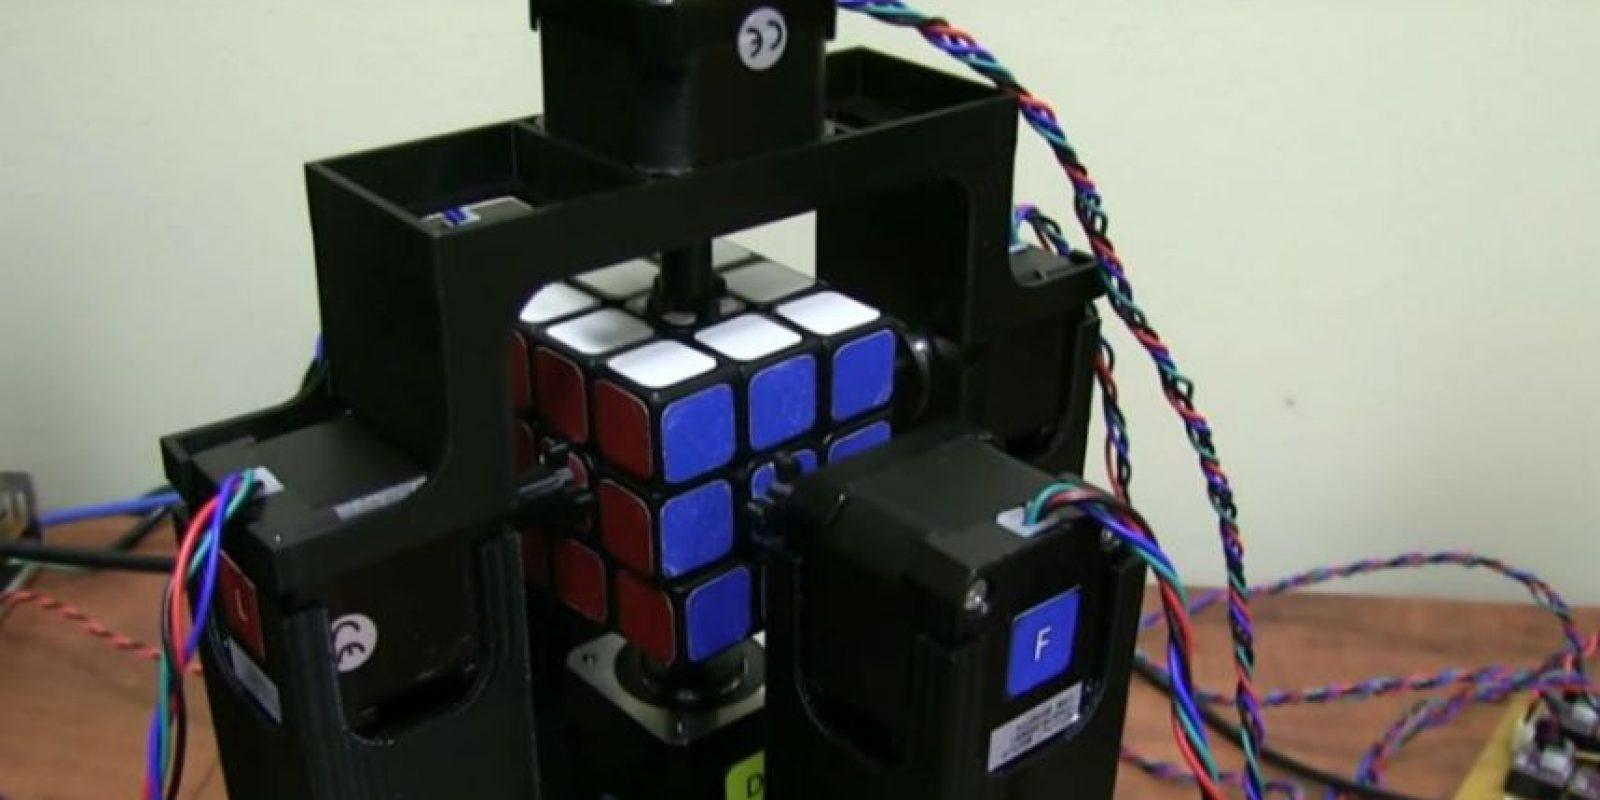 Este robot es más rápido que ustedes para resolver el cubo de Rubik. Foto:Jay Flatland / YouTube